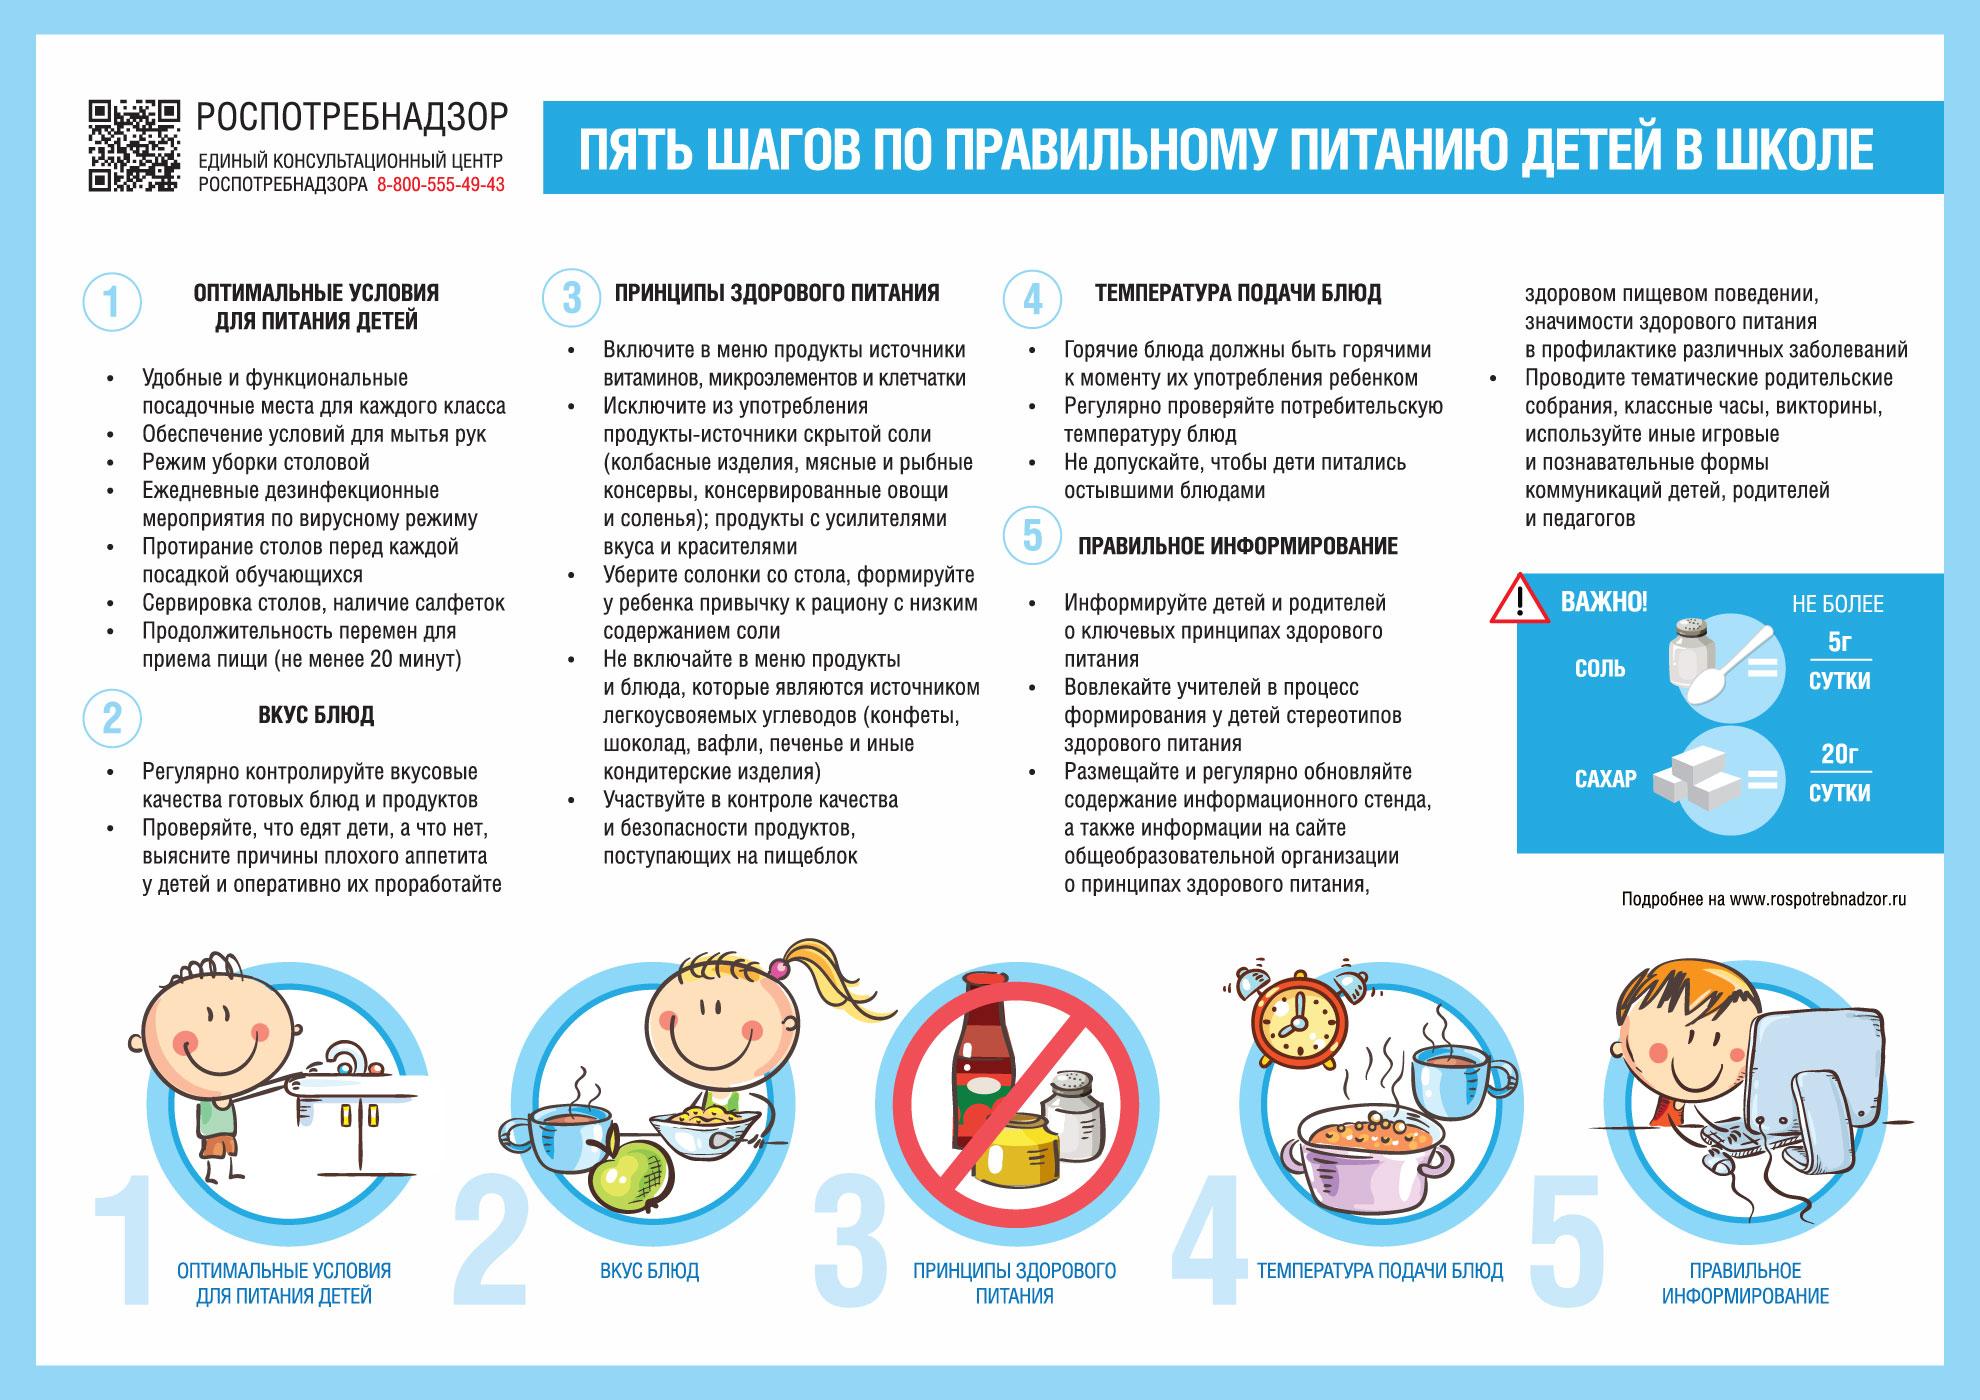 5 шагов по правильному питанию детей в школе